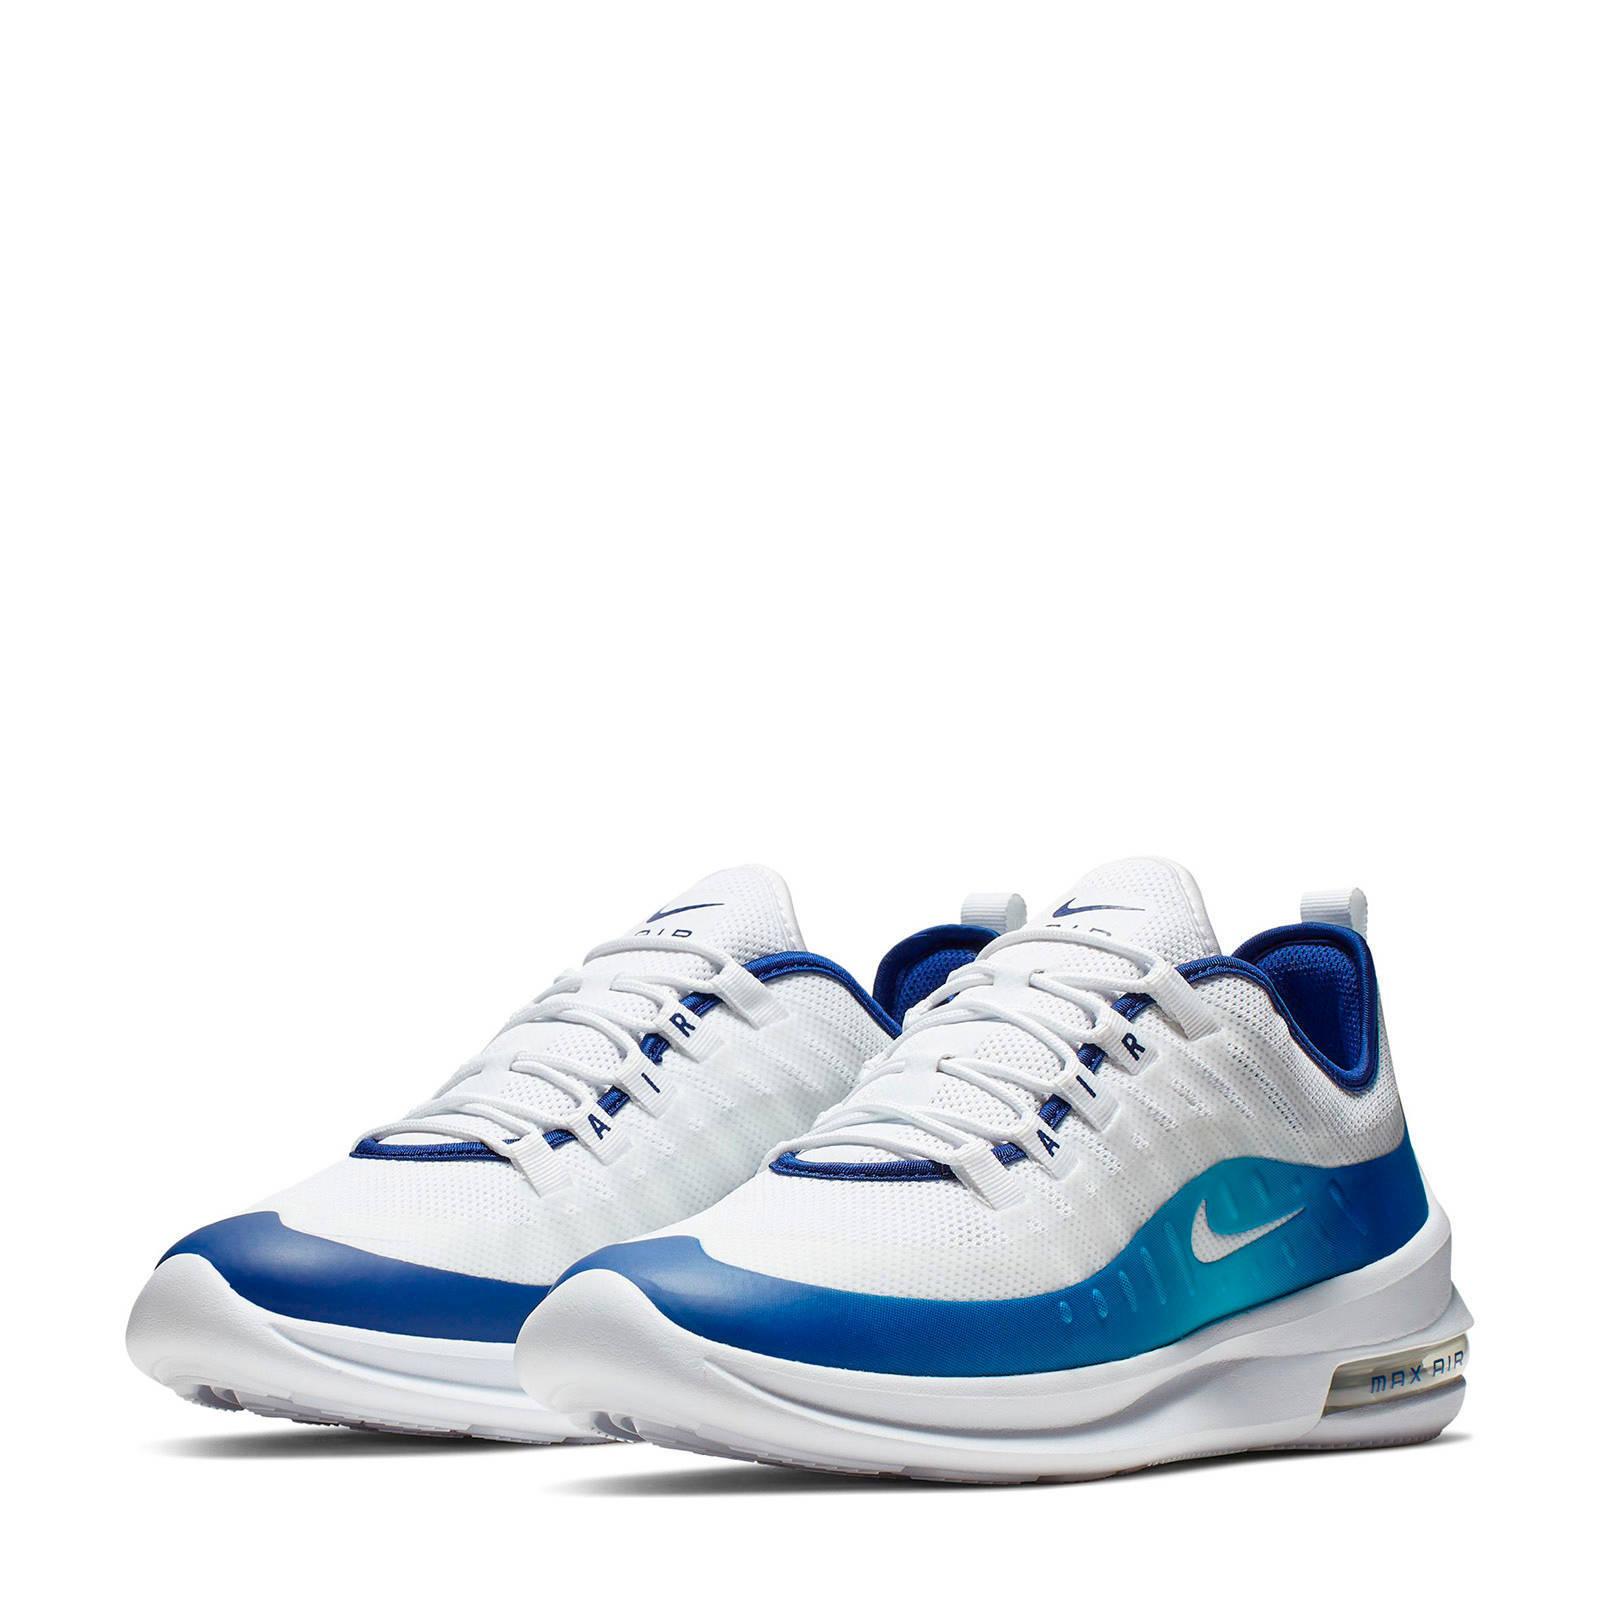 Nike Air Max Axis Prem sneakers witblauw | wehkamp